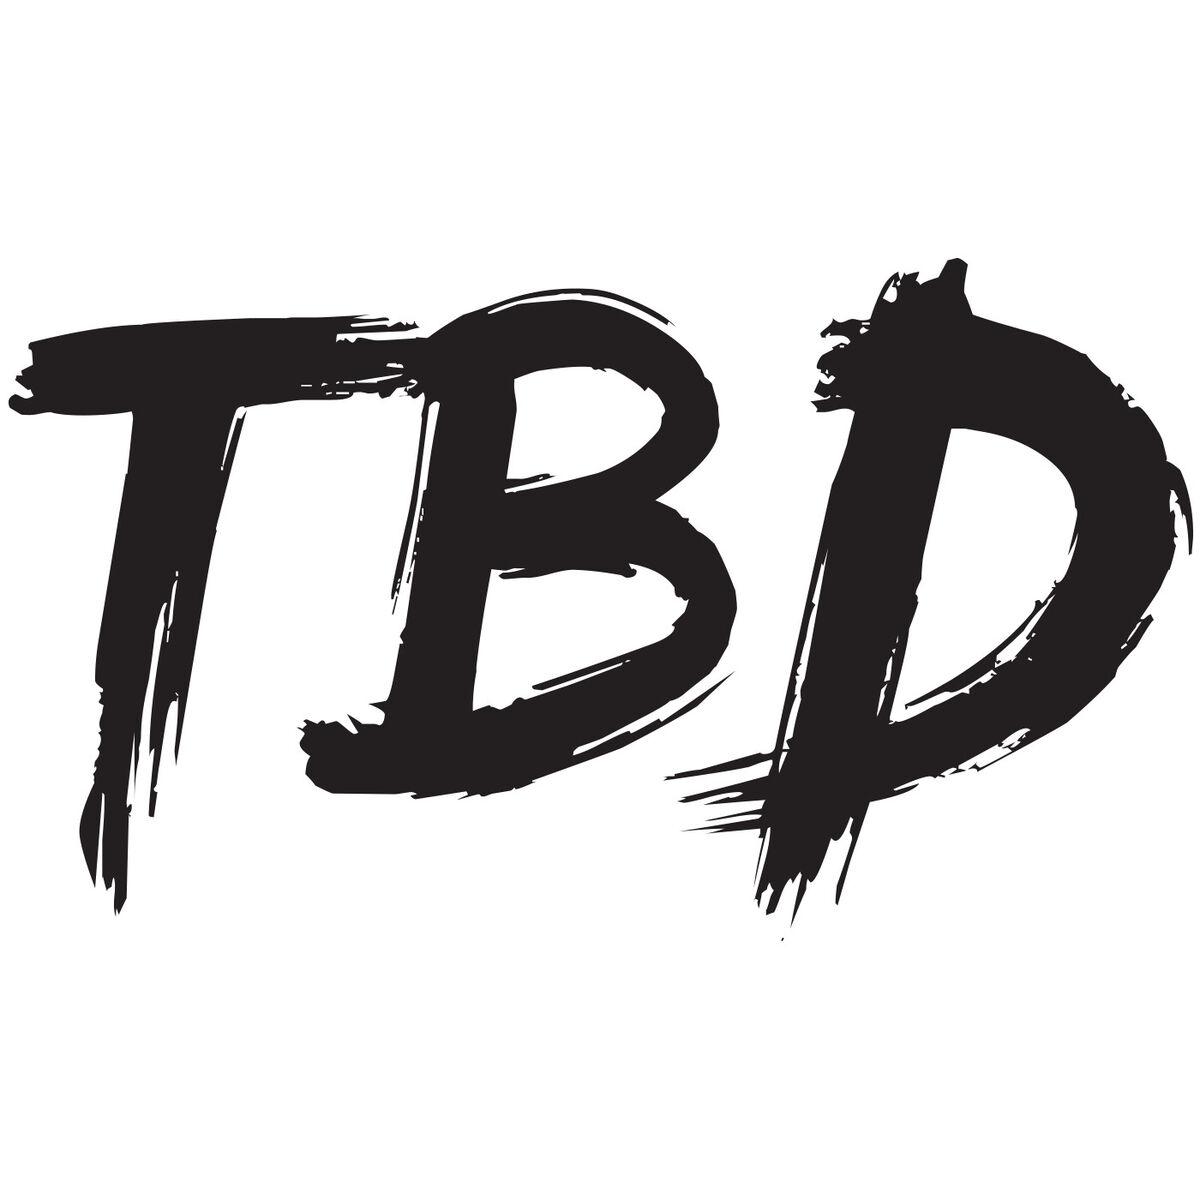 TBD BreakZ